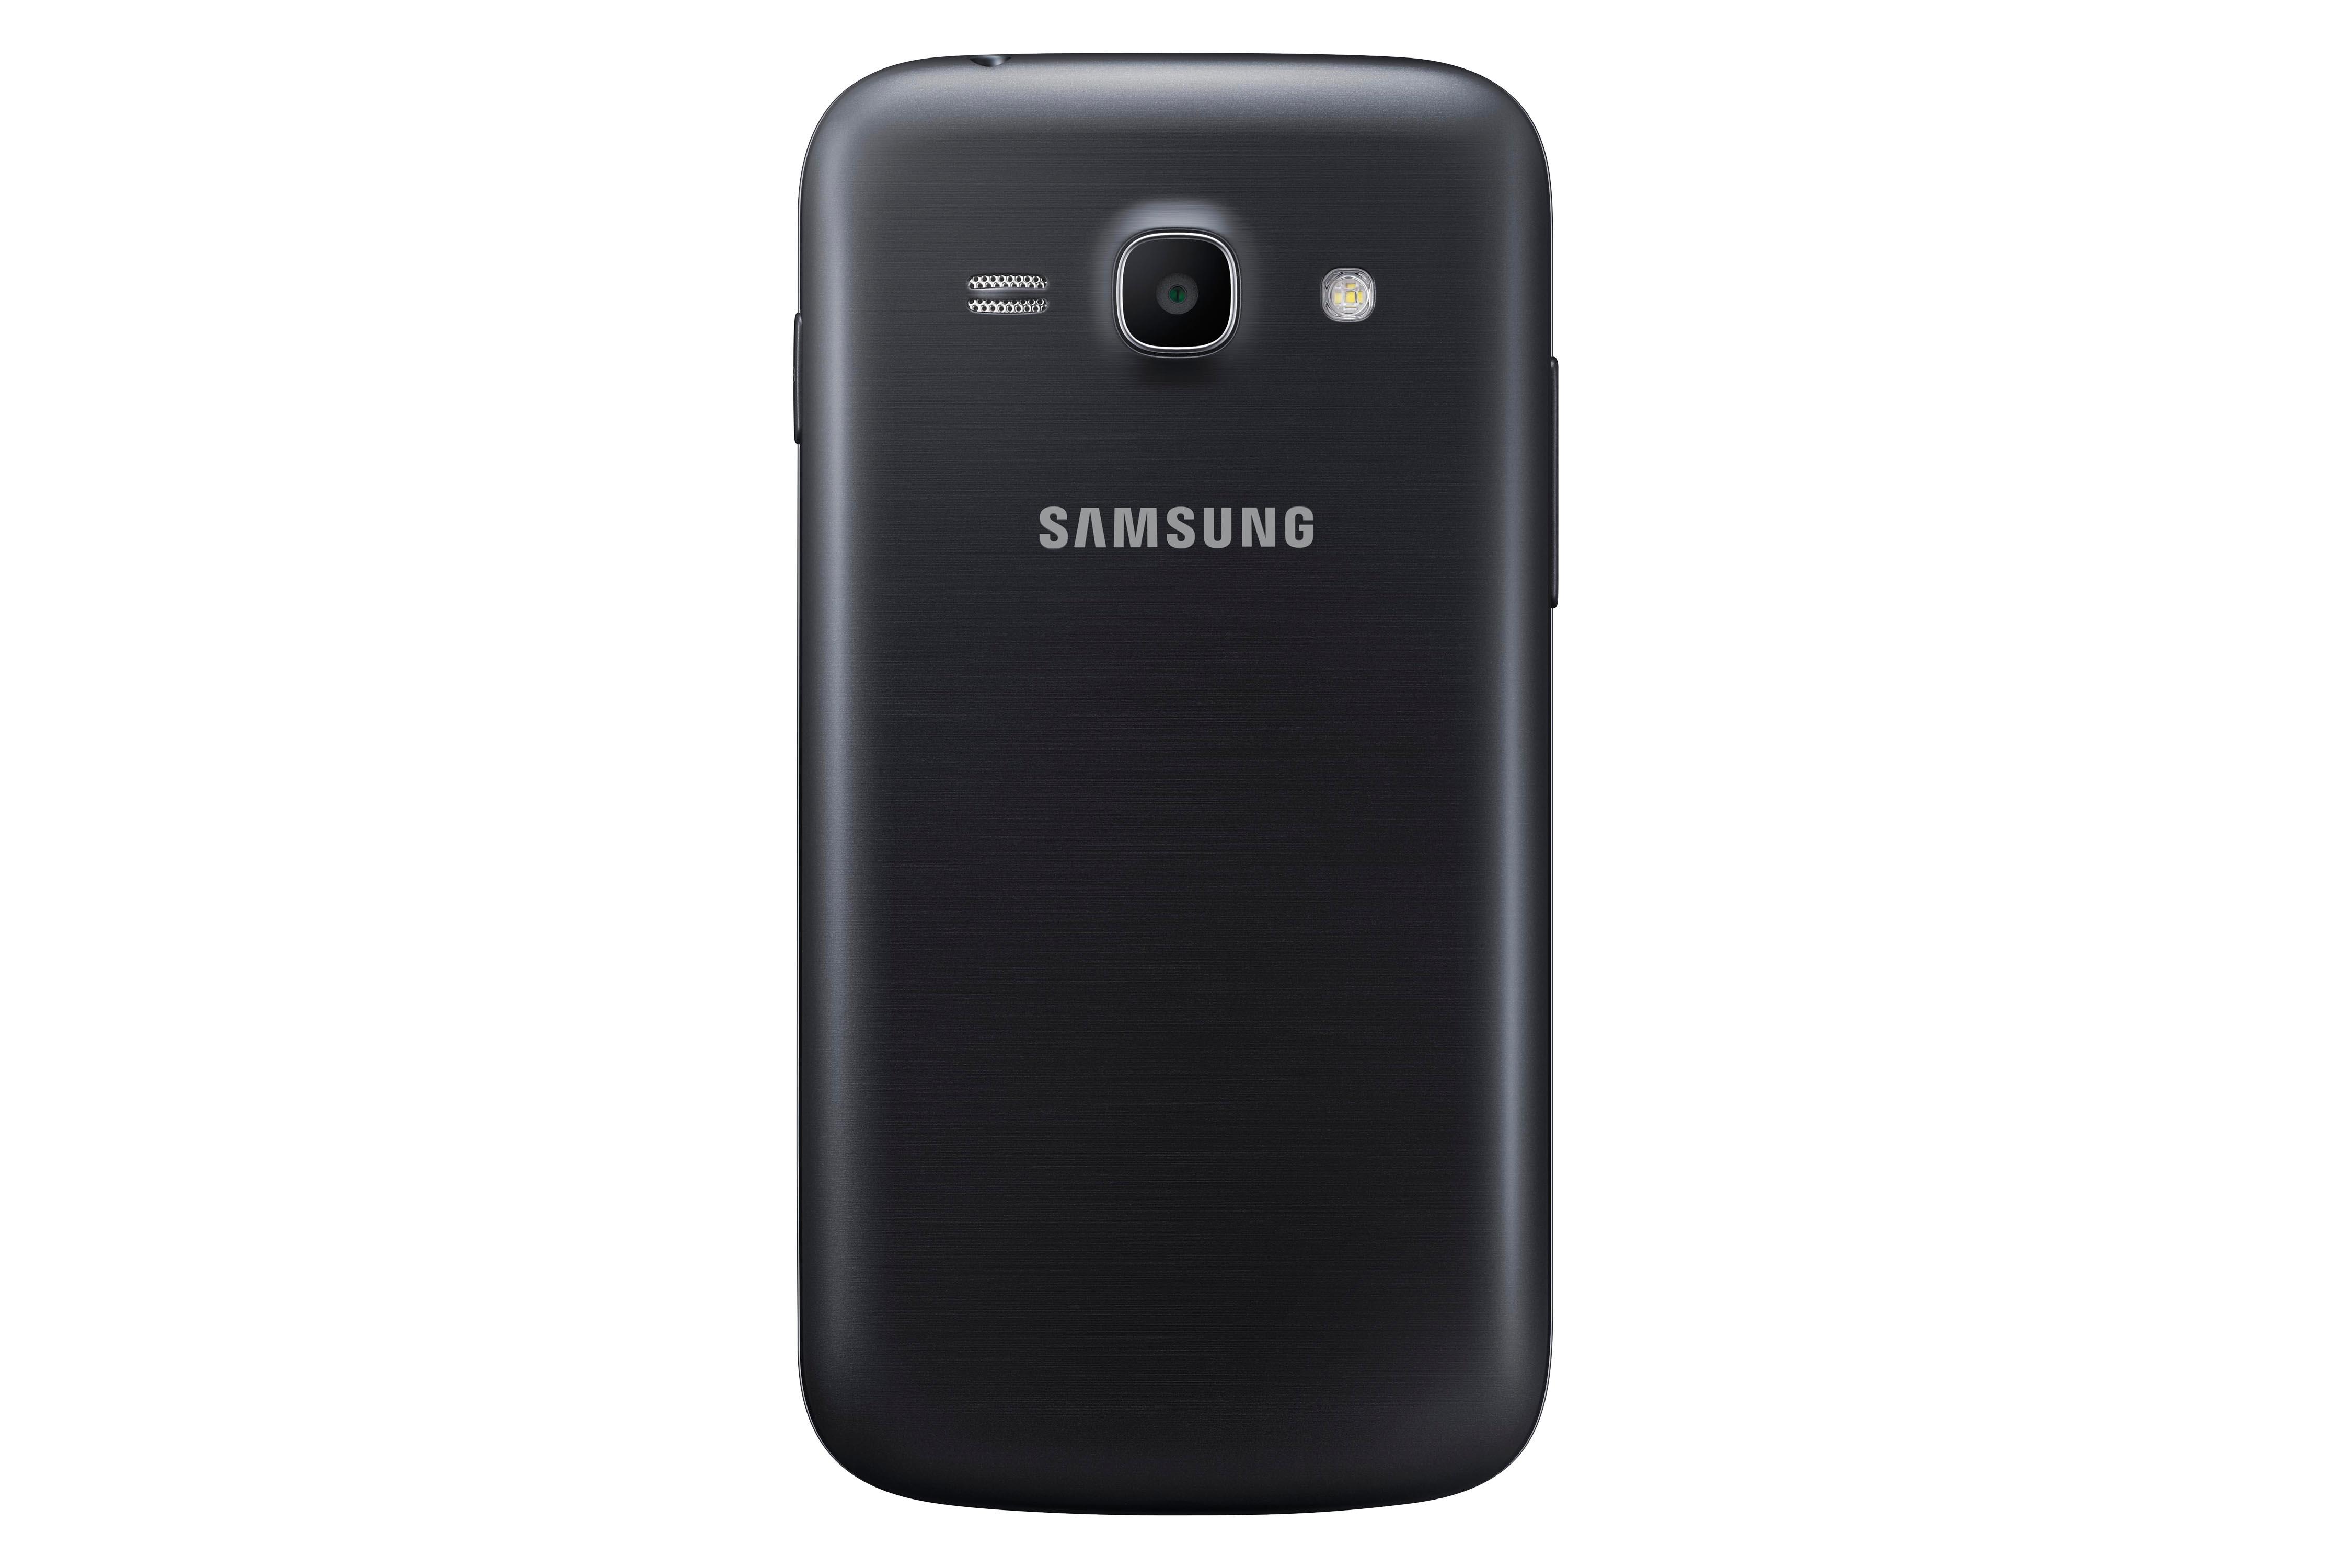 Samsung Galaxy Ace 3 in Deutschland verfügbar – Günstiges Einsteiger-Smartphone mit LTE